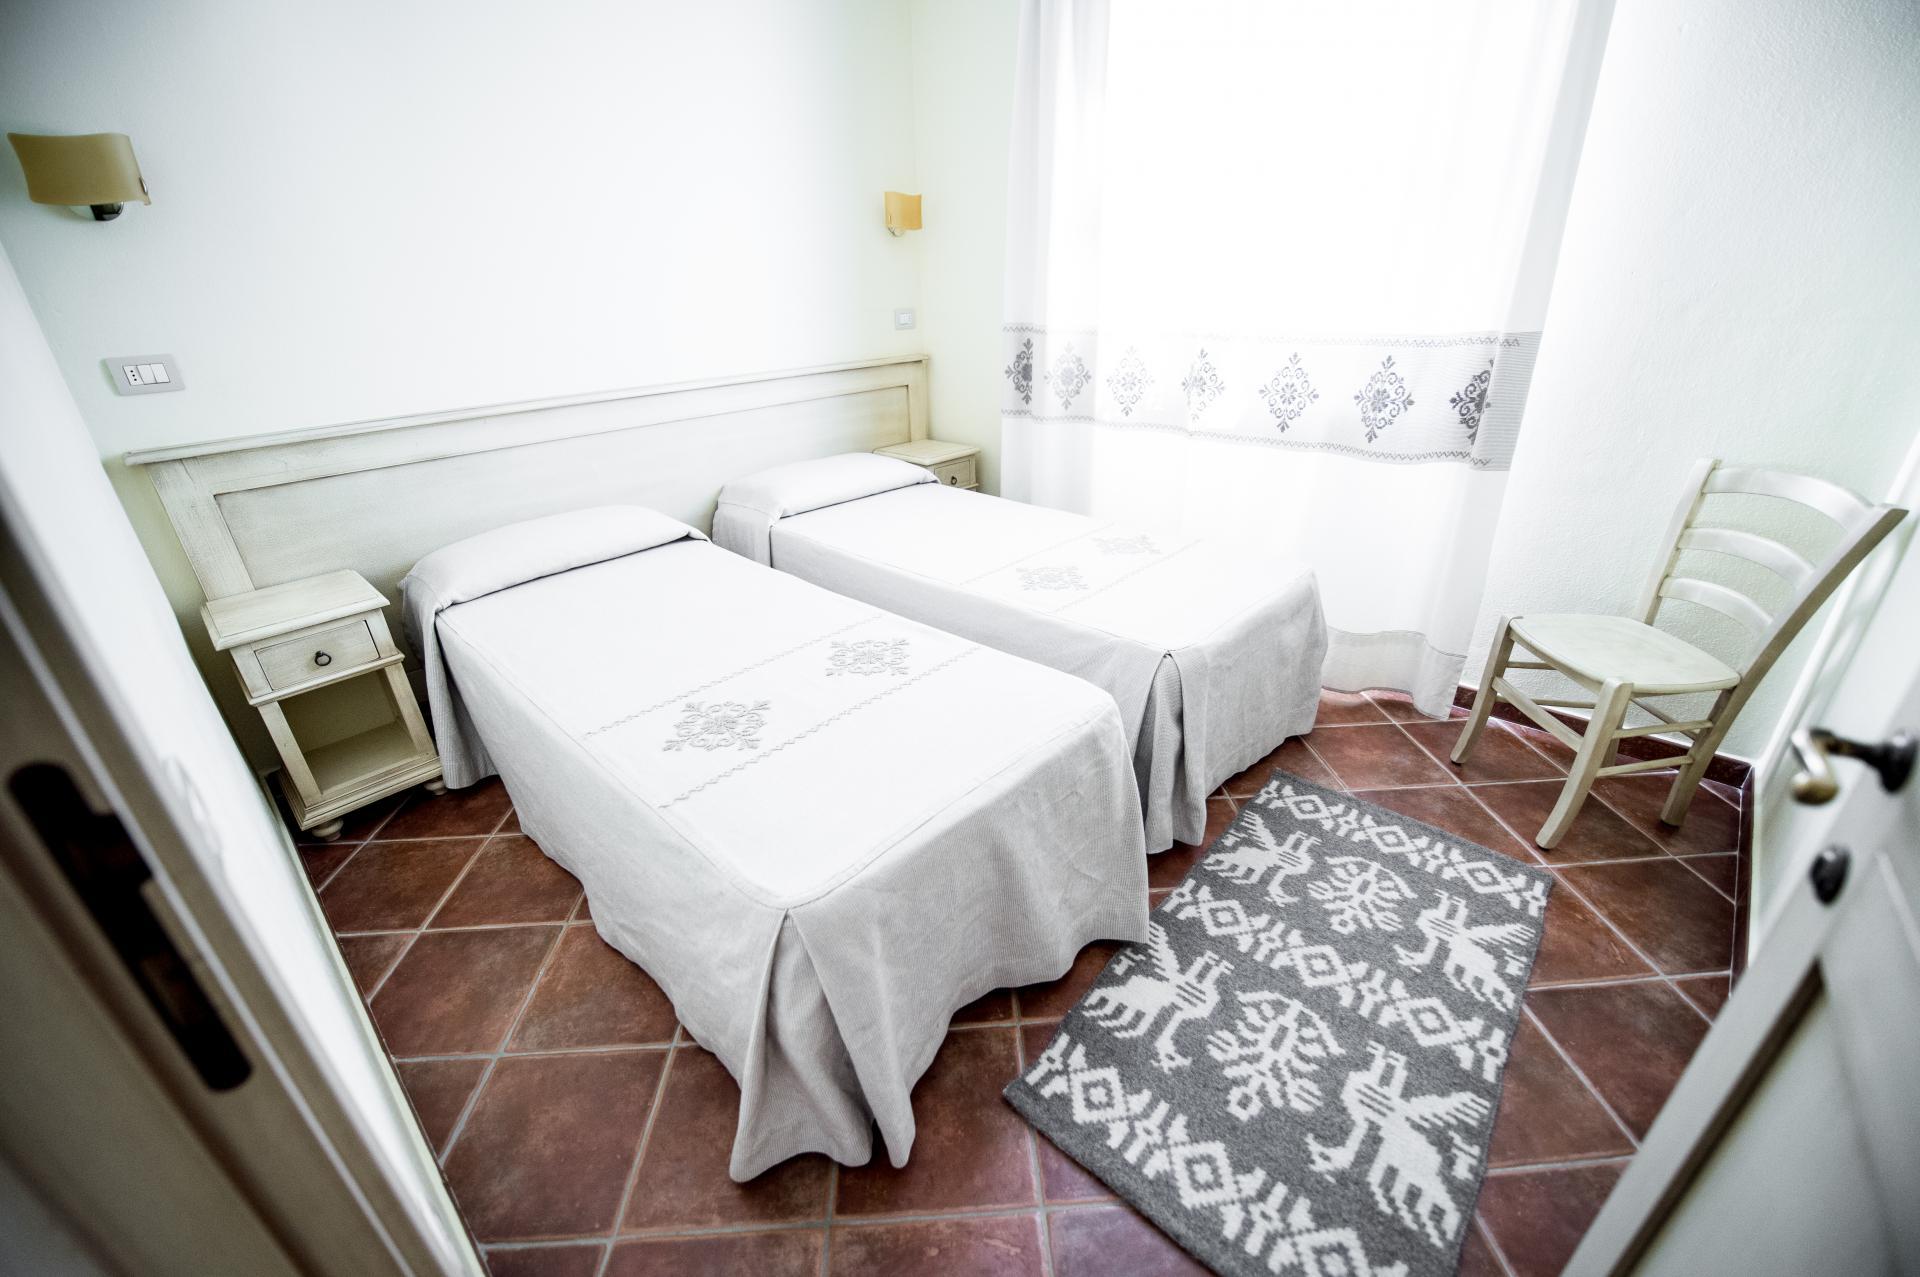 Slaapkamer Met 2 Eenpersoonsbedden.De Appartementen Zijn Smaakvol Ingericht En Voorzien Van